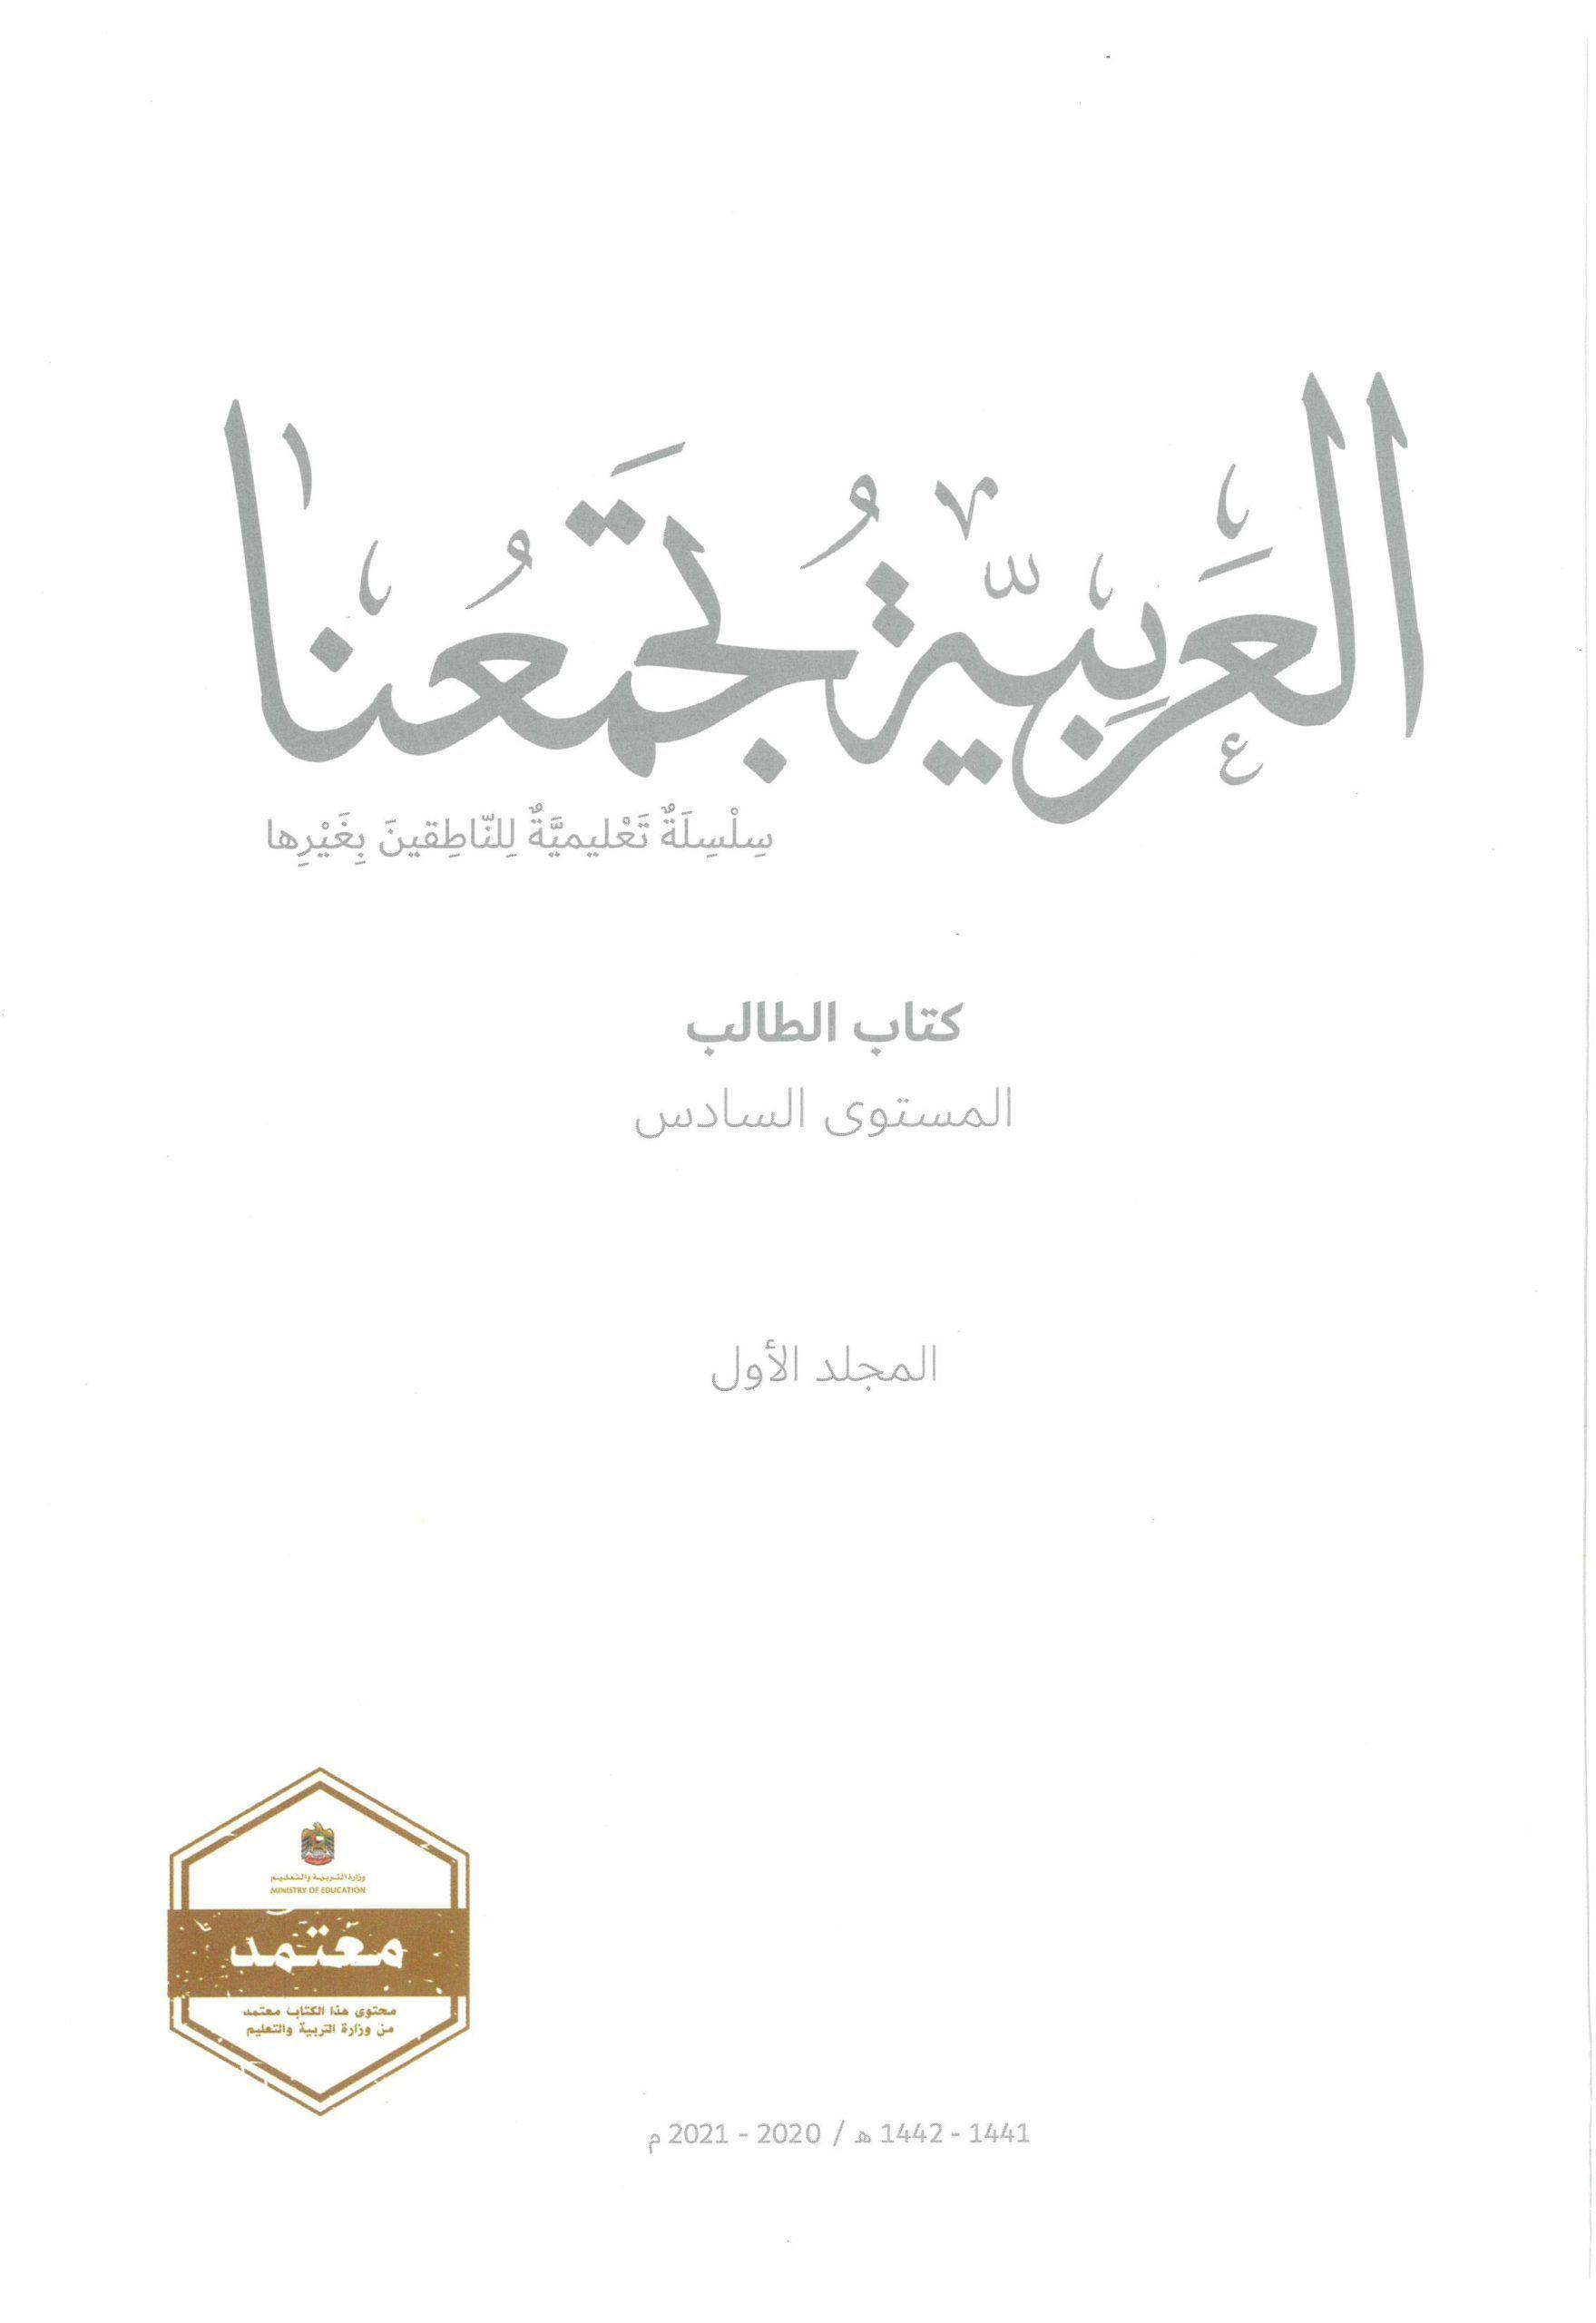 كتاب الطالب 2020 2021 لغير الناطقين بها للصف السادس مادة اللغة العربية Arabic Calligraphy Calligraphy